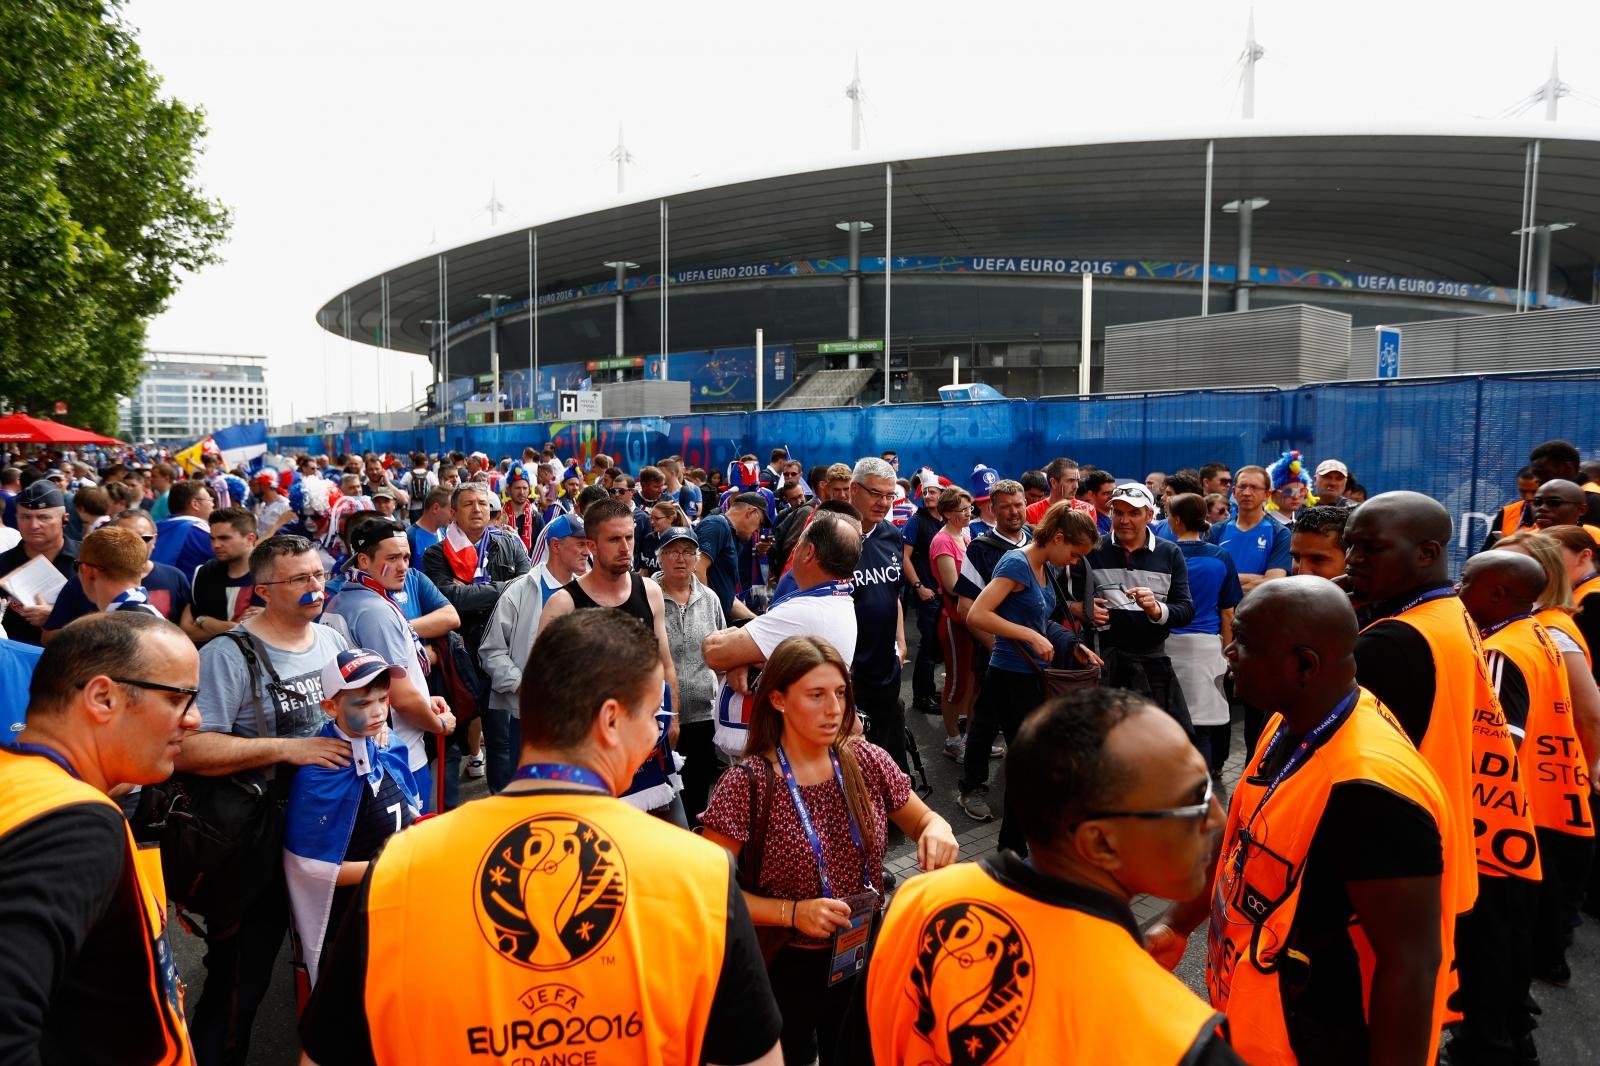 Fans pour into the Stade de France